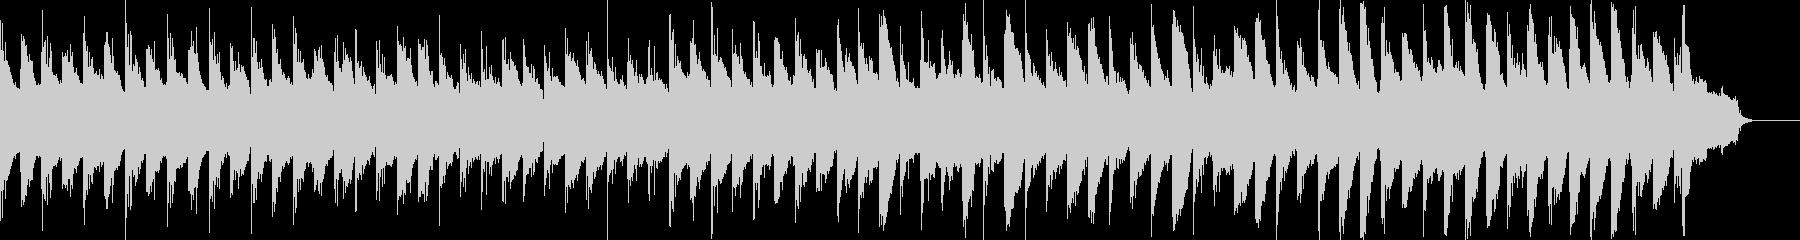 切ない雰囲気のアコギピアノストリングスの未再生の波形